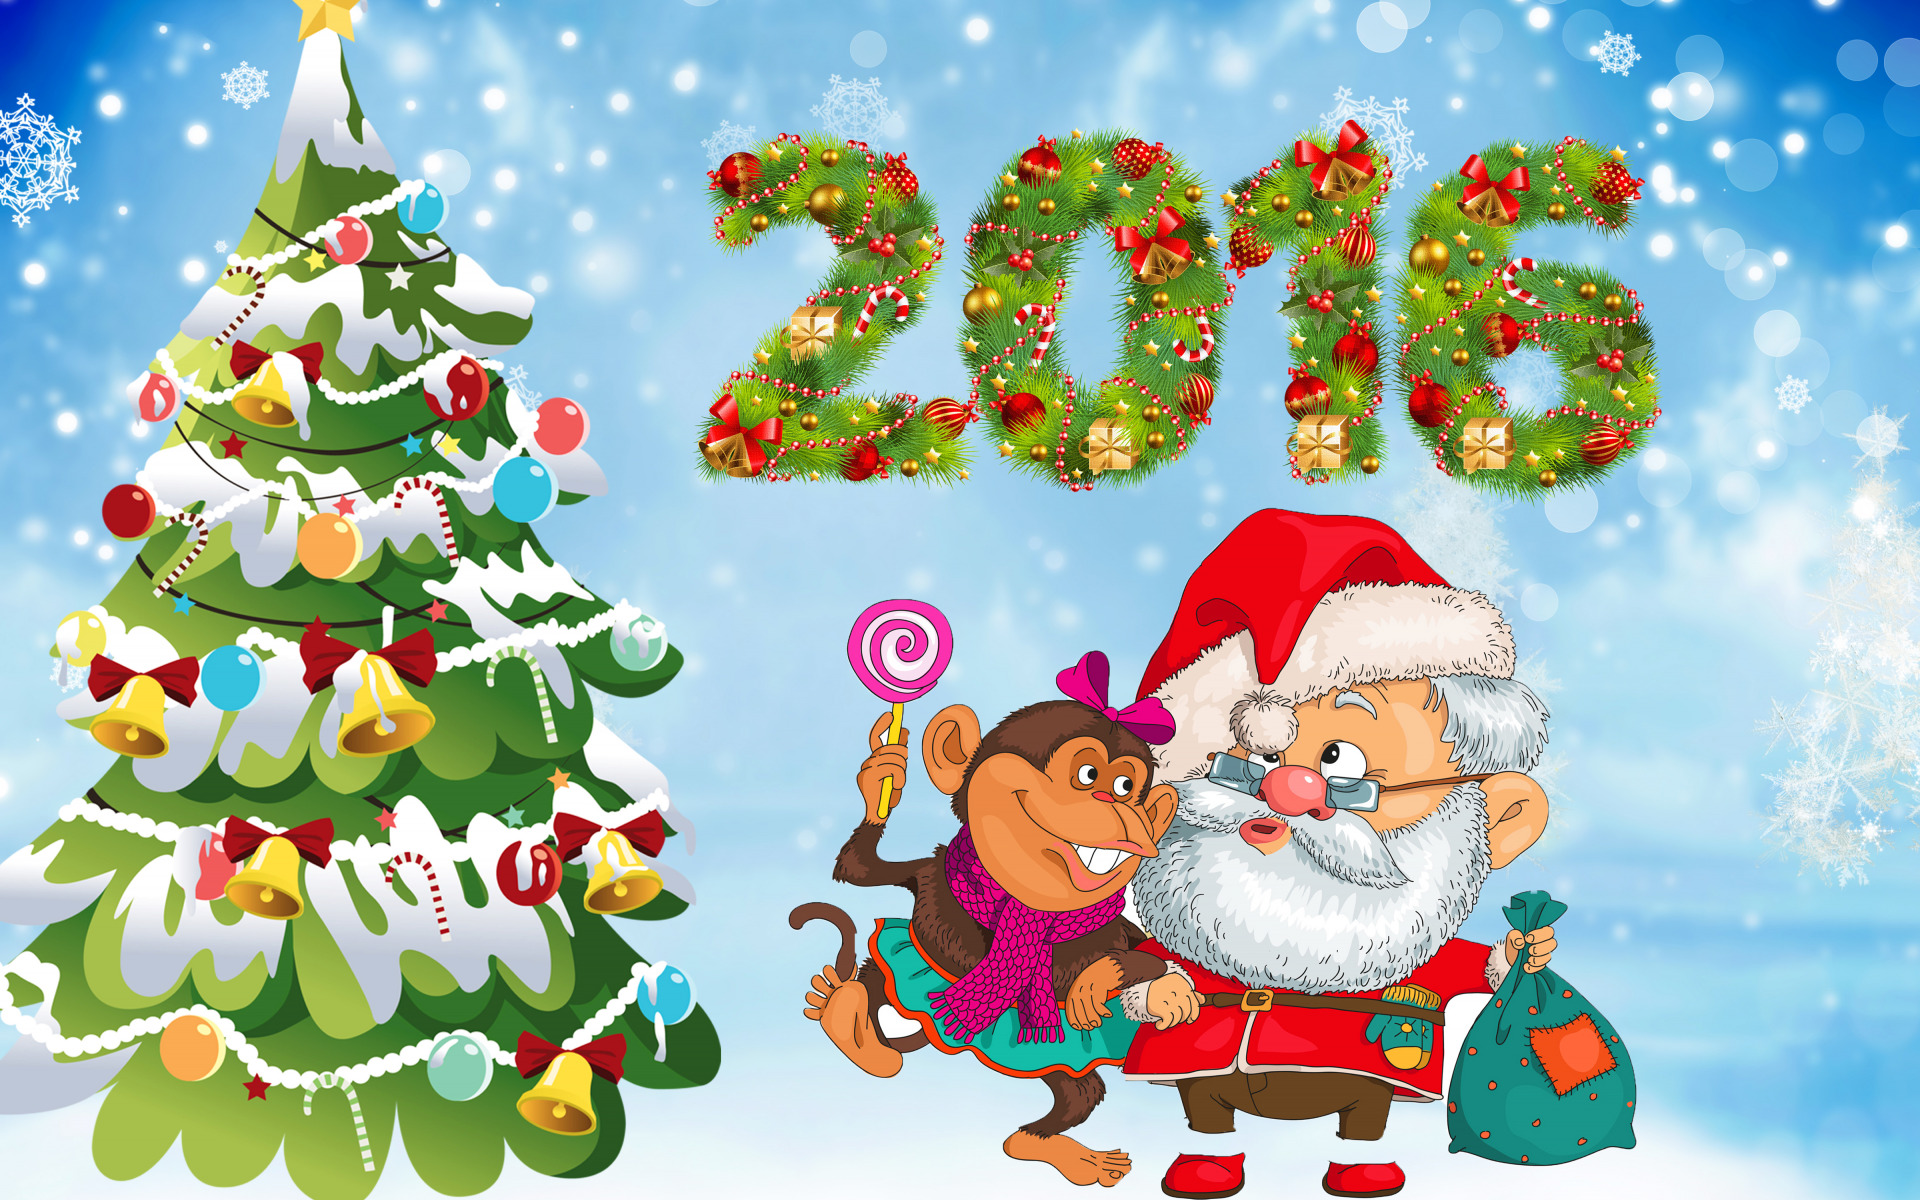 Открытки с поздравлениями к новому году 2016